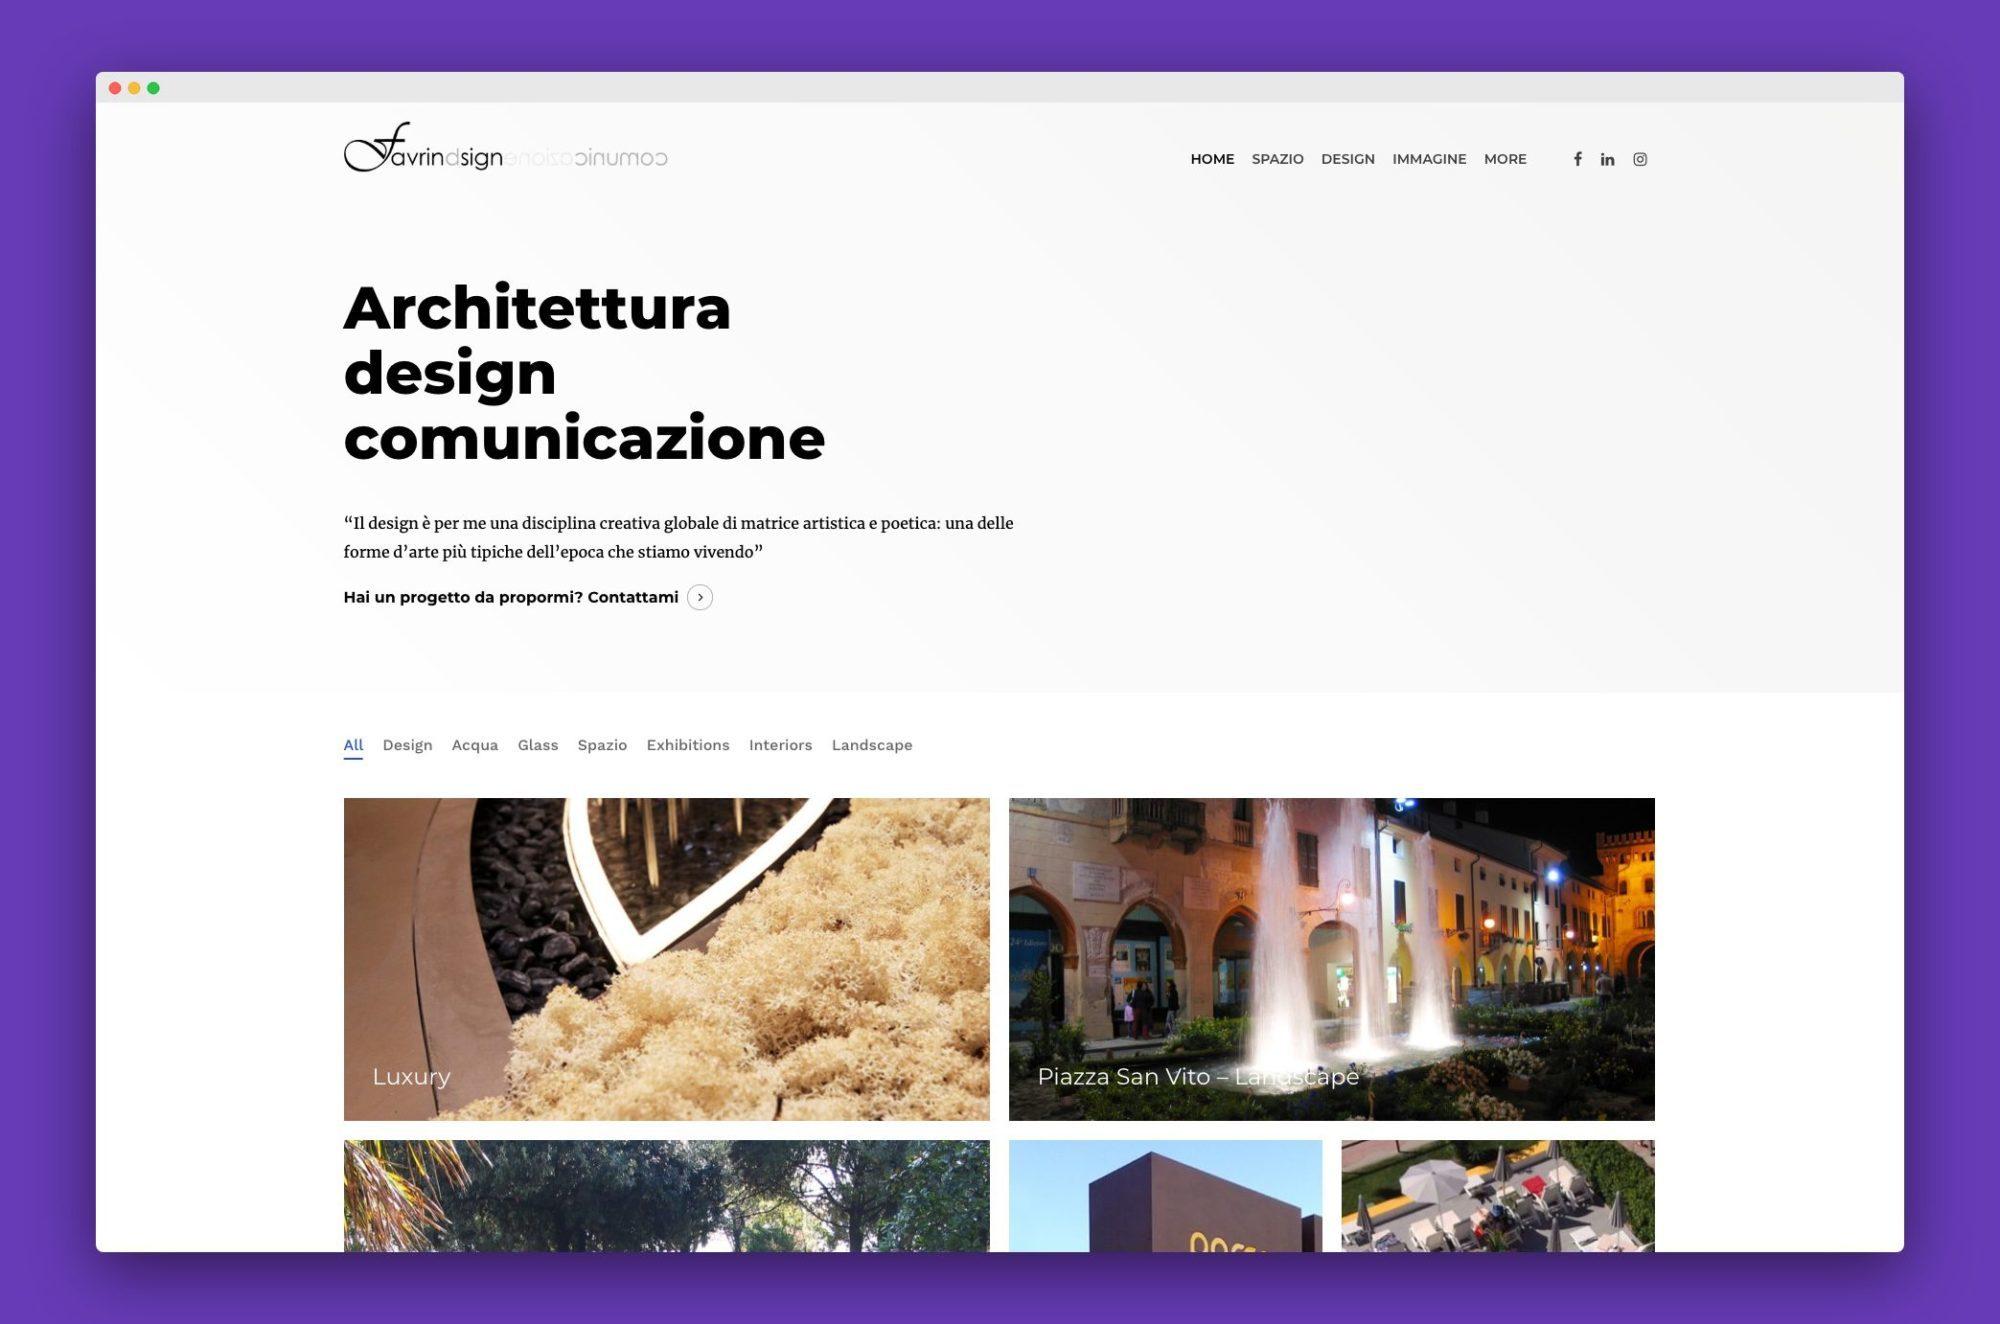 realizzazione sito internet architetto venezia 1 - Favrin Design - Architecture and Design